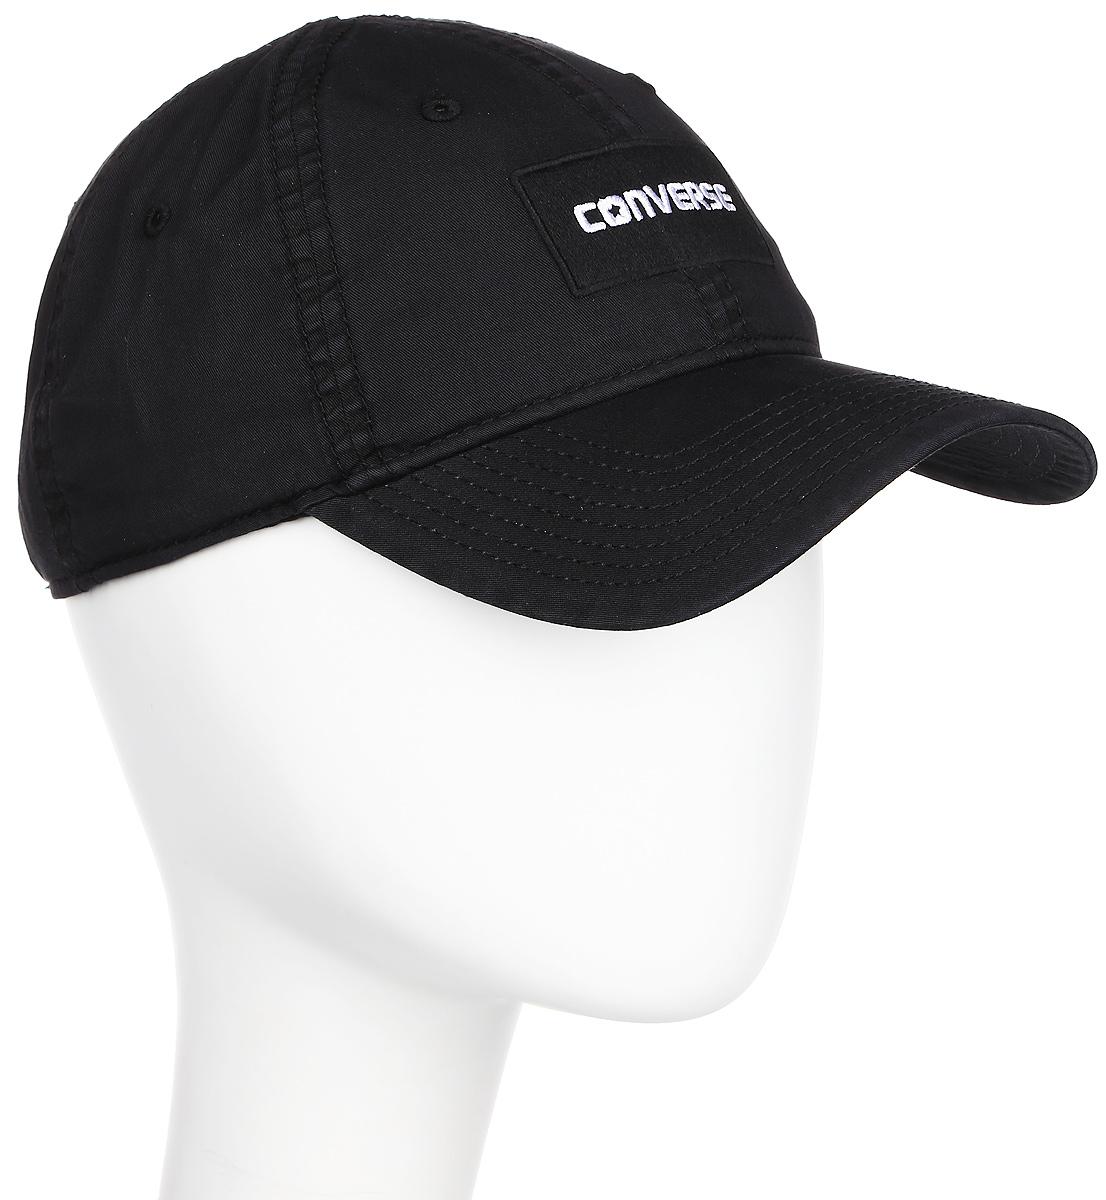 Бейсболка Converse Overdye Cap, цвет: черный. 530918. Размер универсальный530918Стильная бейсболка Converse идеально подойдет для прогулок, занятий спортом и отдыха. Бейсболка, выполненная из 100% хлопка, надежно защитит вас от солнца и ветра. Модель имеет классическую конструкцию из шести панелей и специальные вентиляционные отверстия. Изделие оформлено вышивкой с логотипом бренда. Объем бейсболки регулируется при помощи хлястика с пряжкой.